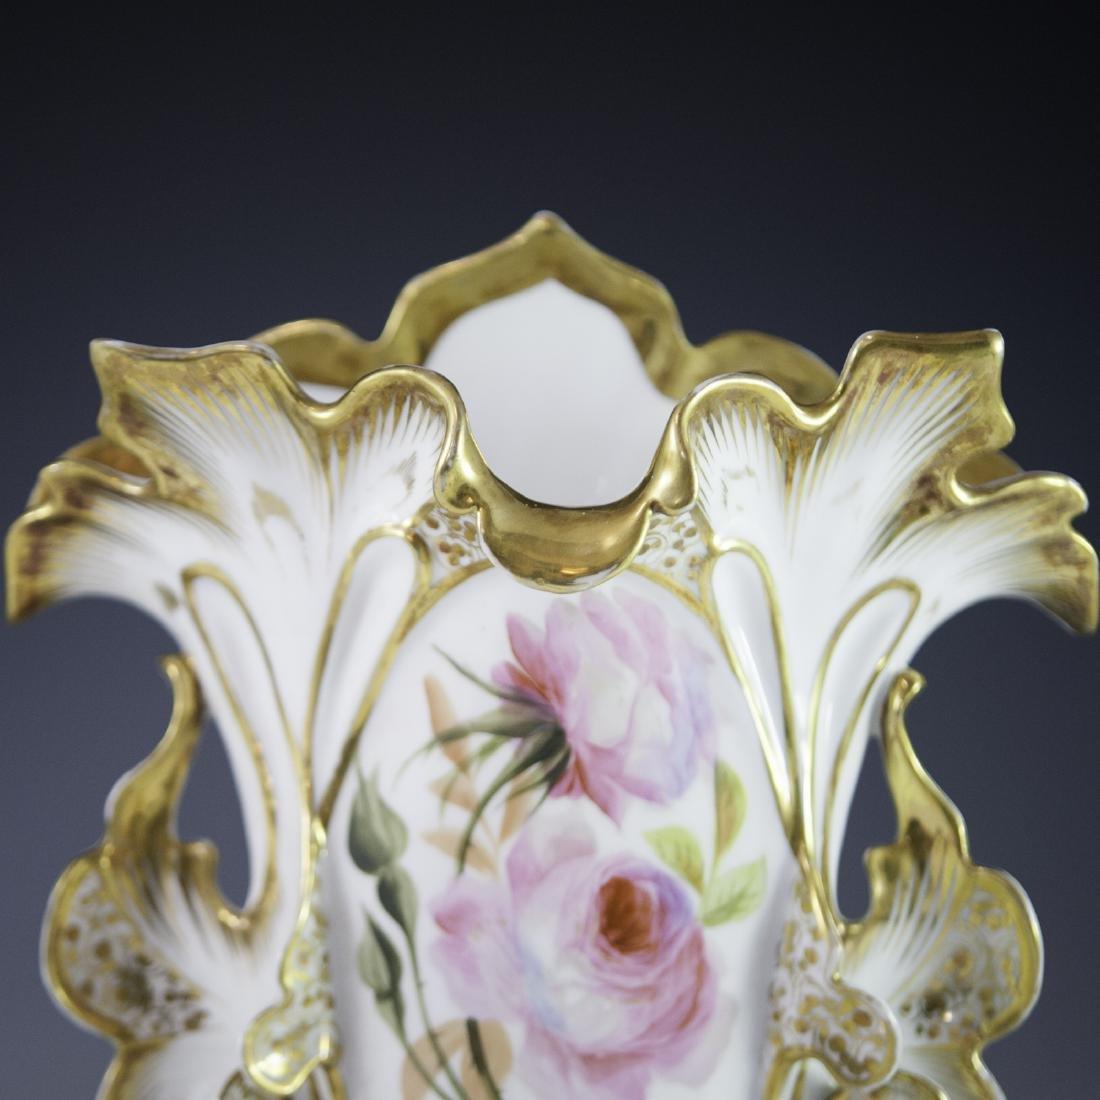 Old Paris Porcelain Vases - 4